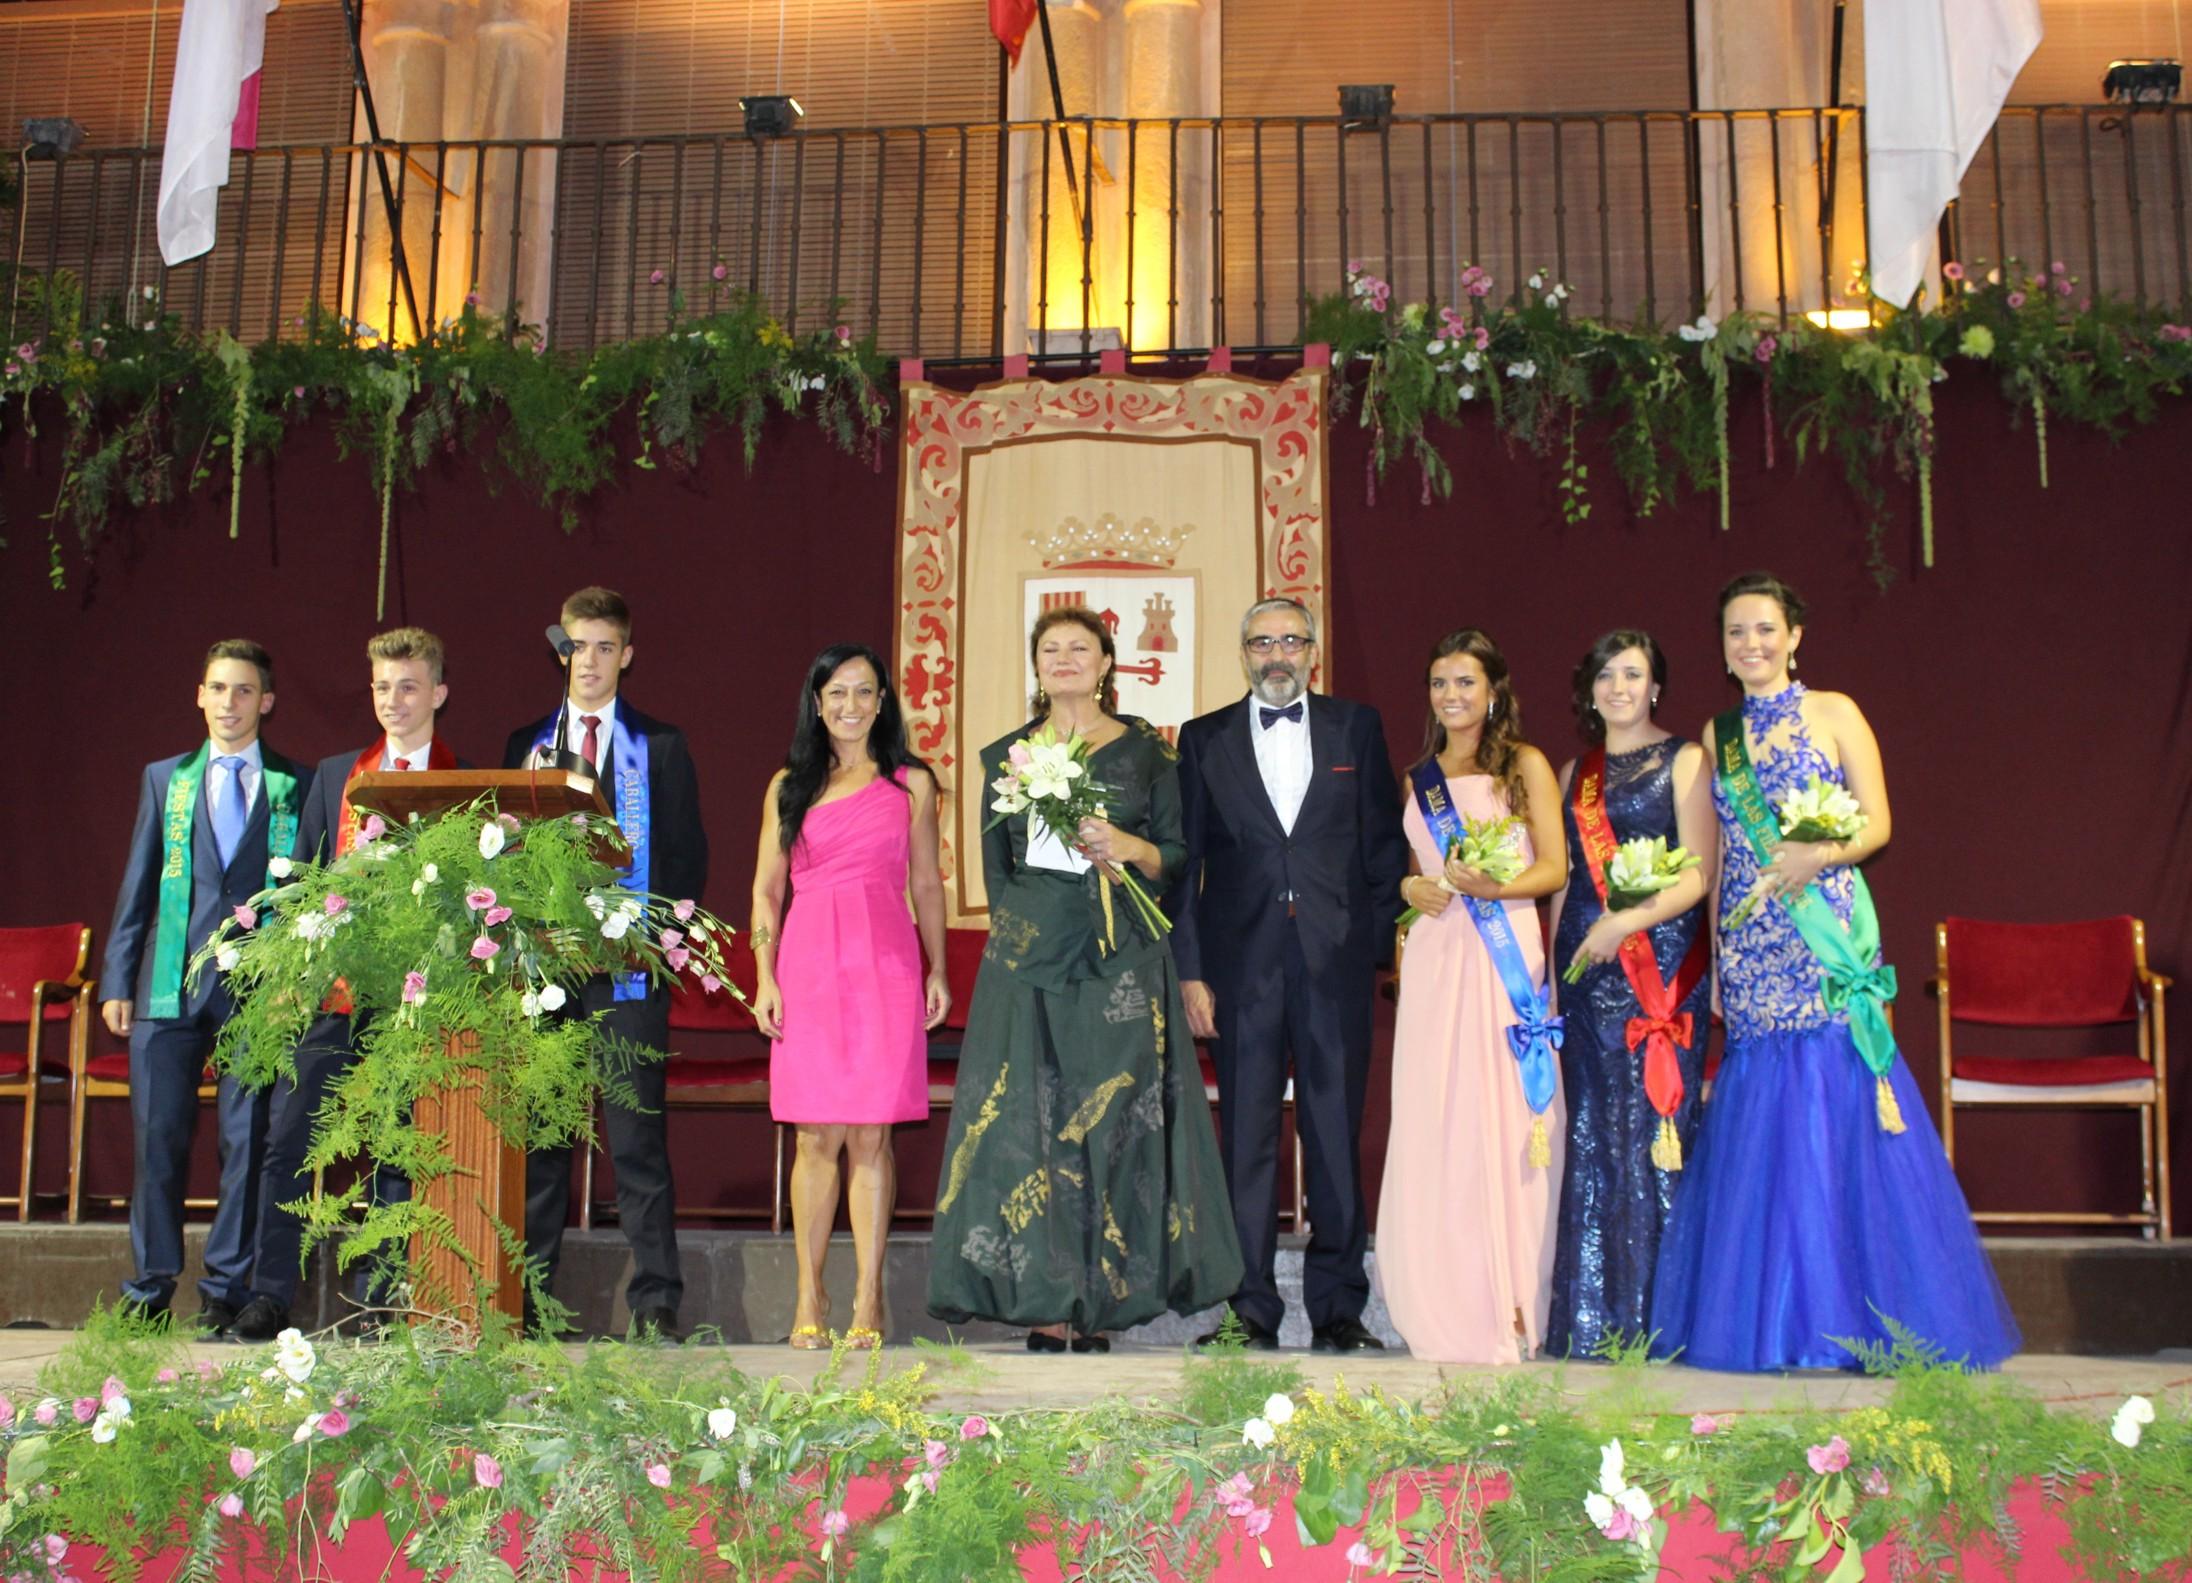 La emblemática Plaza Mayor acogió la inauguración de la Feria y Fiestas